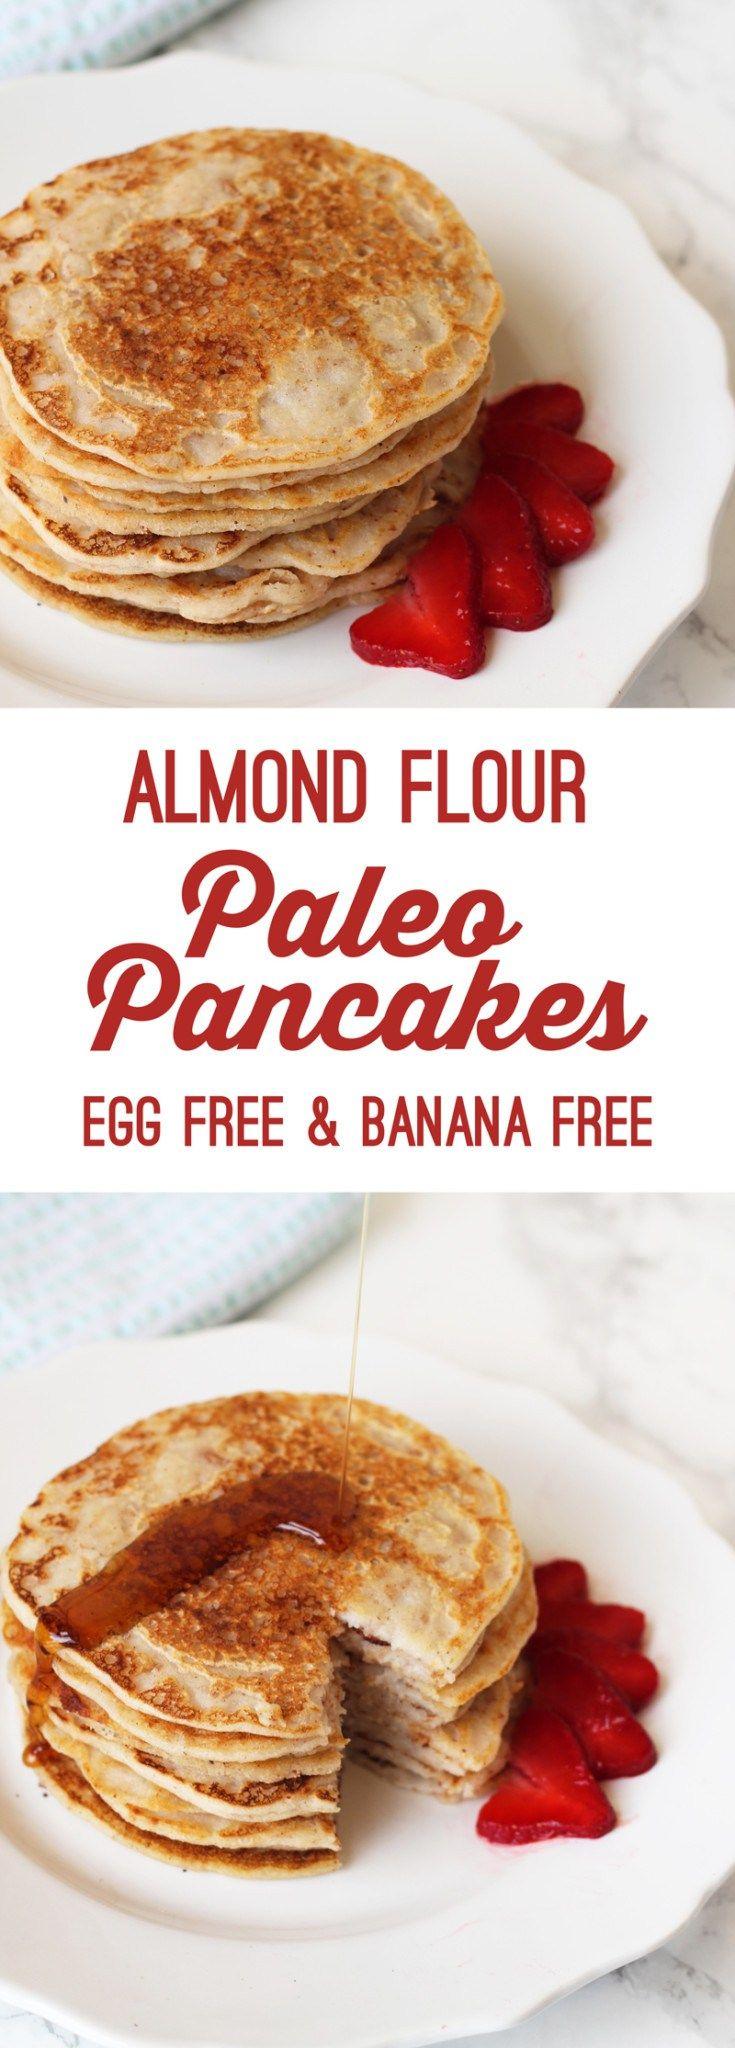 Almond Flour Paleo Pancakes (Egg free and banana free)